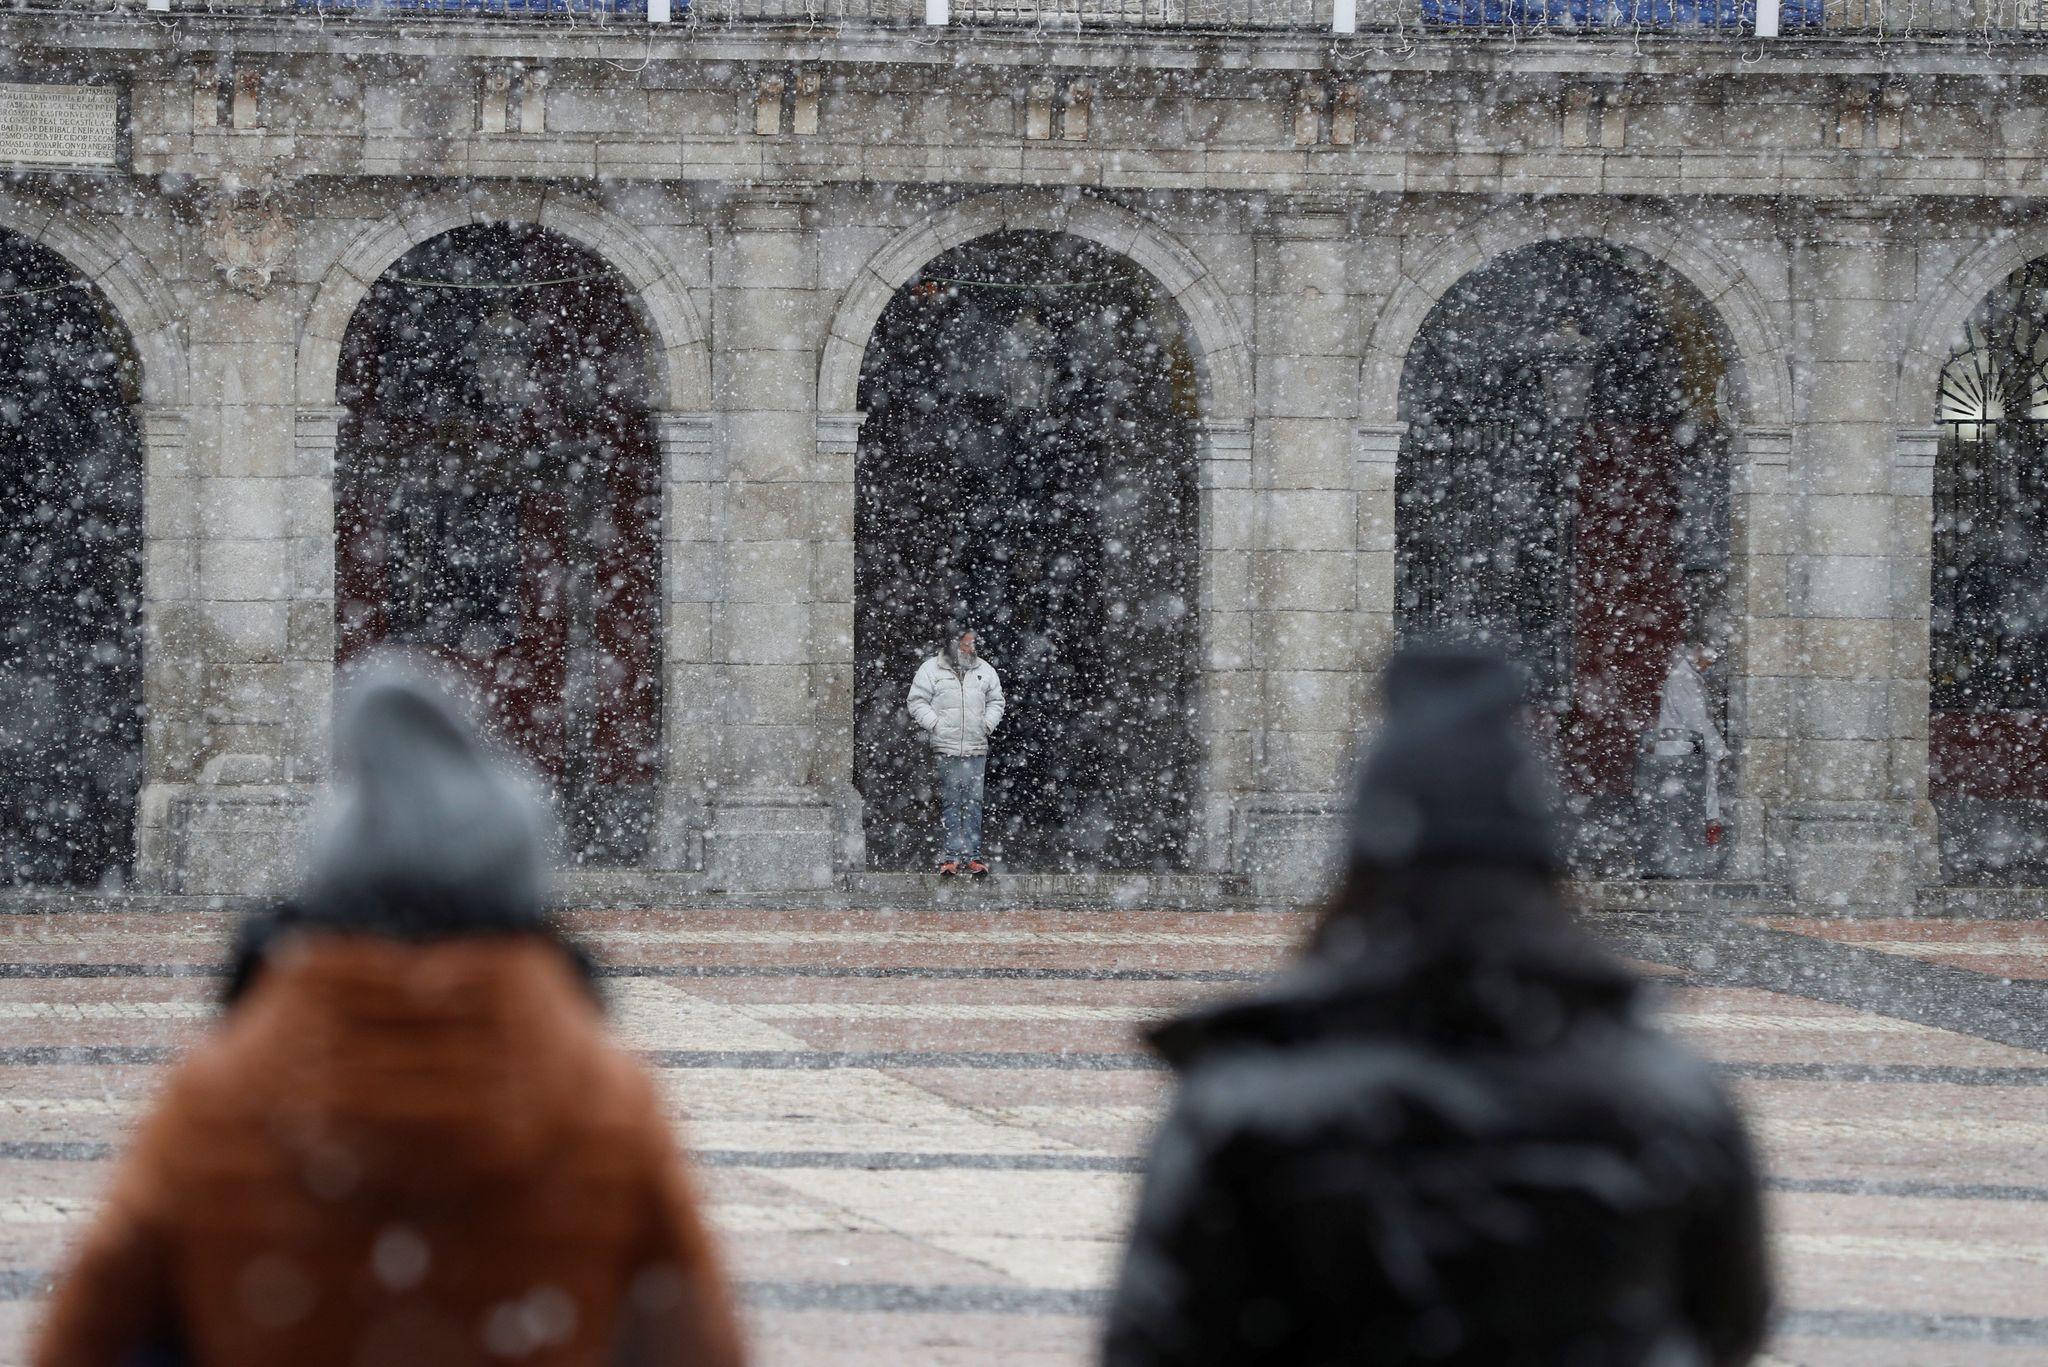 lt;HIT gt;MADRID lt;/HIT gt;.- Varias personas transitan este viernes la madrileña Plaza Mayor bajo una intensa nevada. El Ayuntamiento de lt;HIT gt;Madrid lt;/HIT gt; activa esta tarde, a partir de las 18:00 horas, la alerta roja del Protocolo de actuación por meteorología adversa ante la previsión de nevadas en la ciudad, por lo que el Retiro y otros ocho parques permanecerán cerrados hasta el sábado.